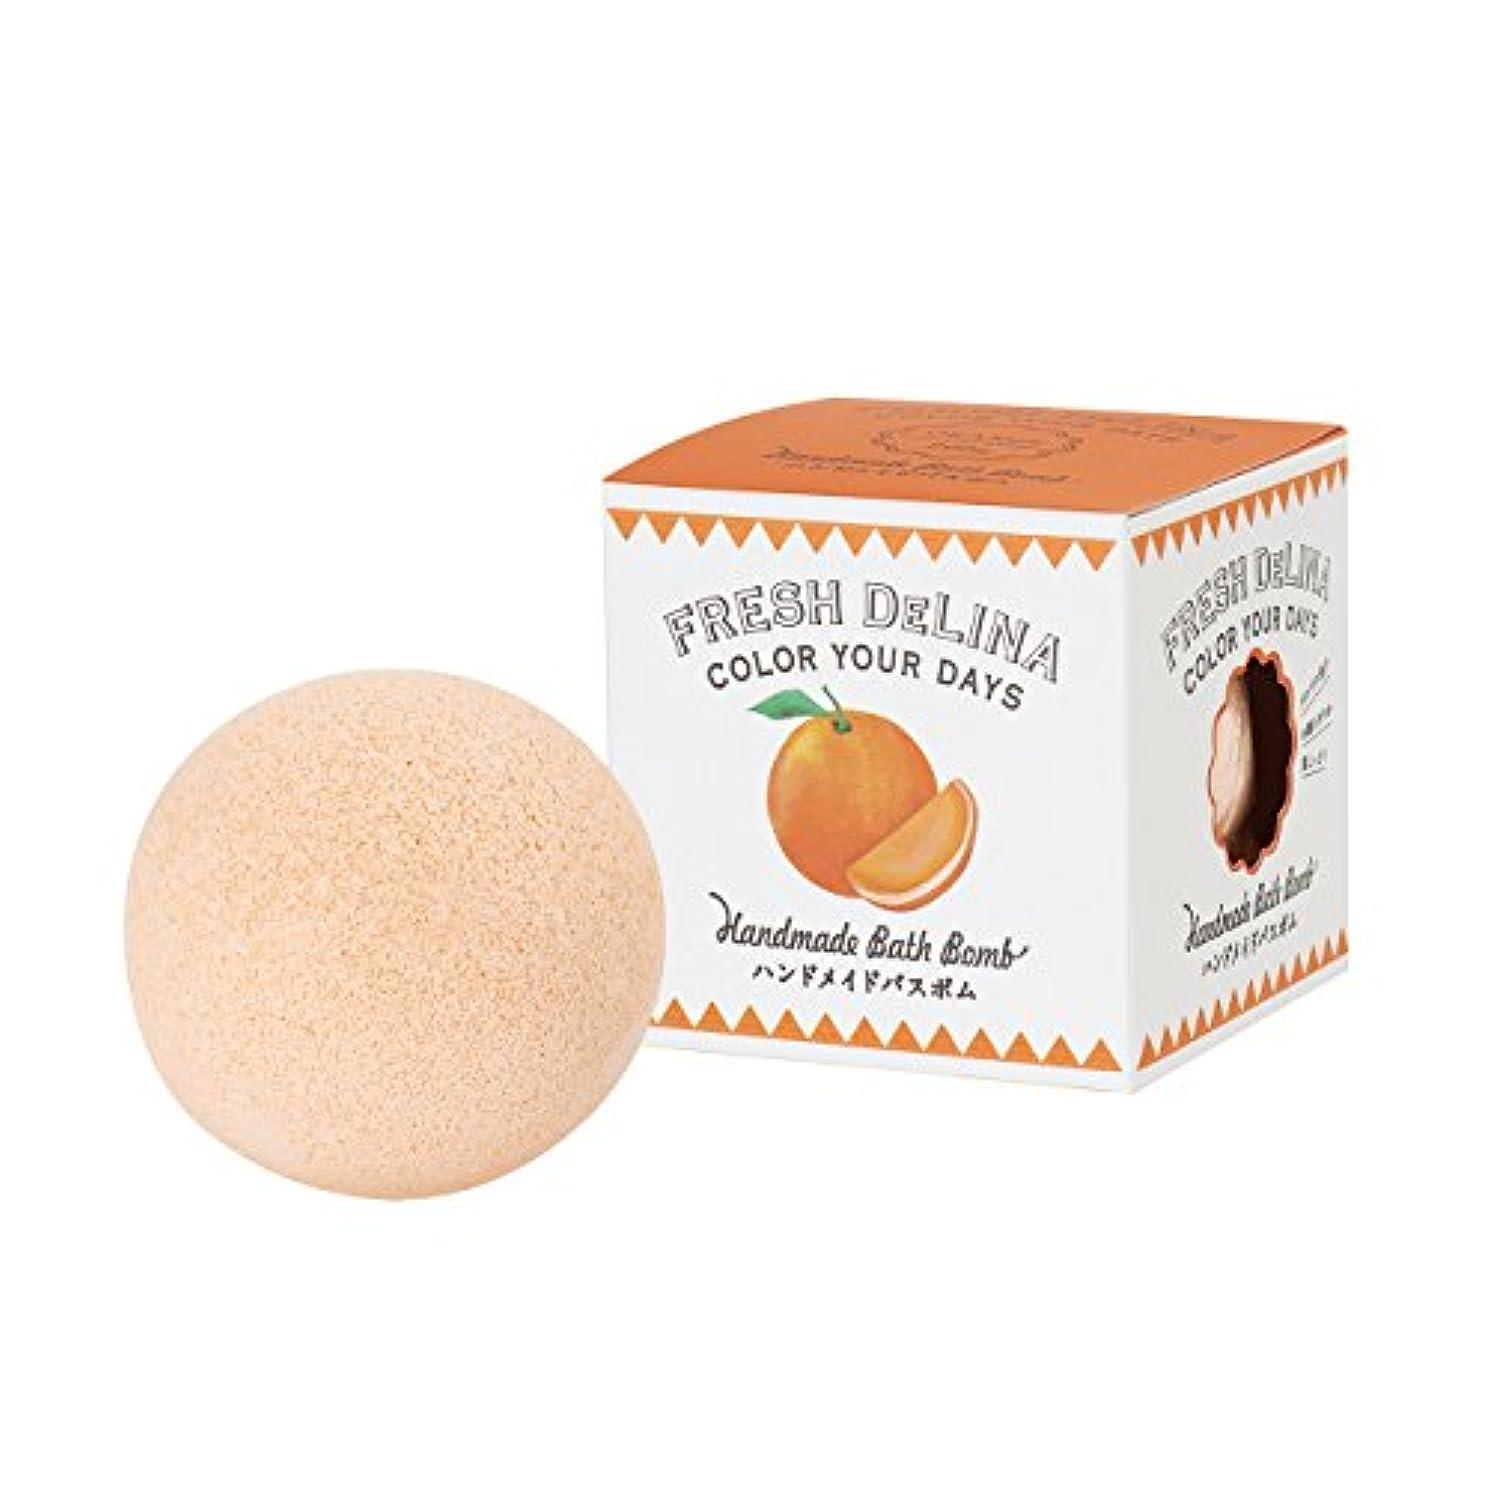 アロングできた感染するフレッシュデリーナ ハンドメイドバスボム オレンジ 200g